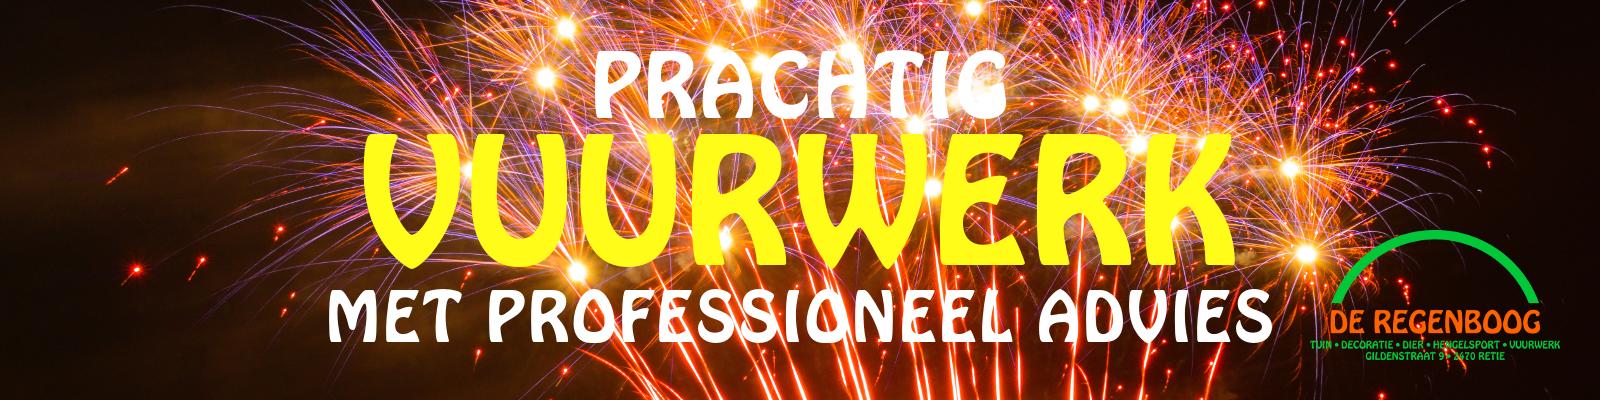 Prachtig vuurwerk met professioneel advies bij De Regenboog Vuurwerk in Retie!